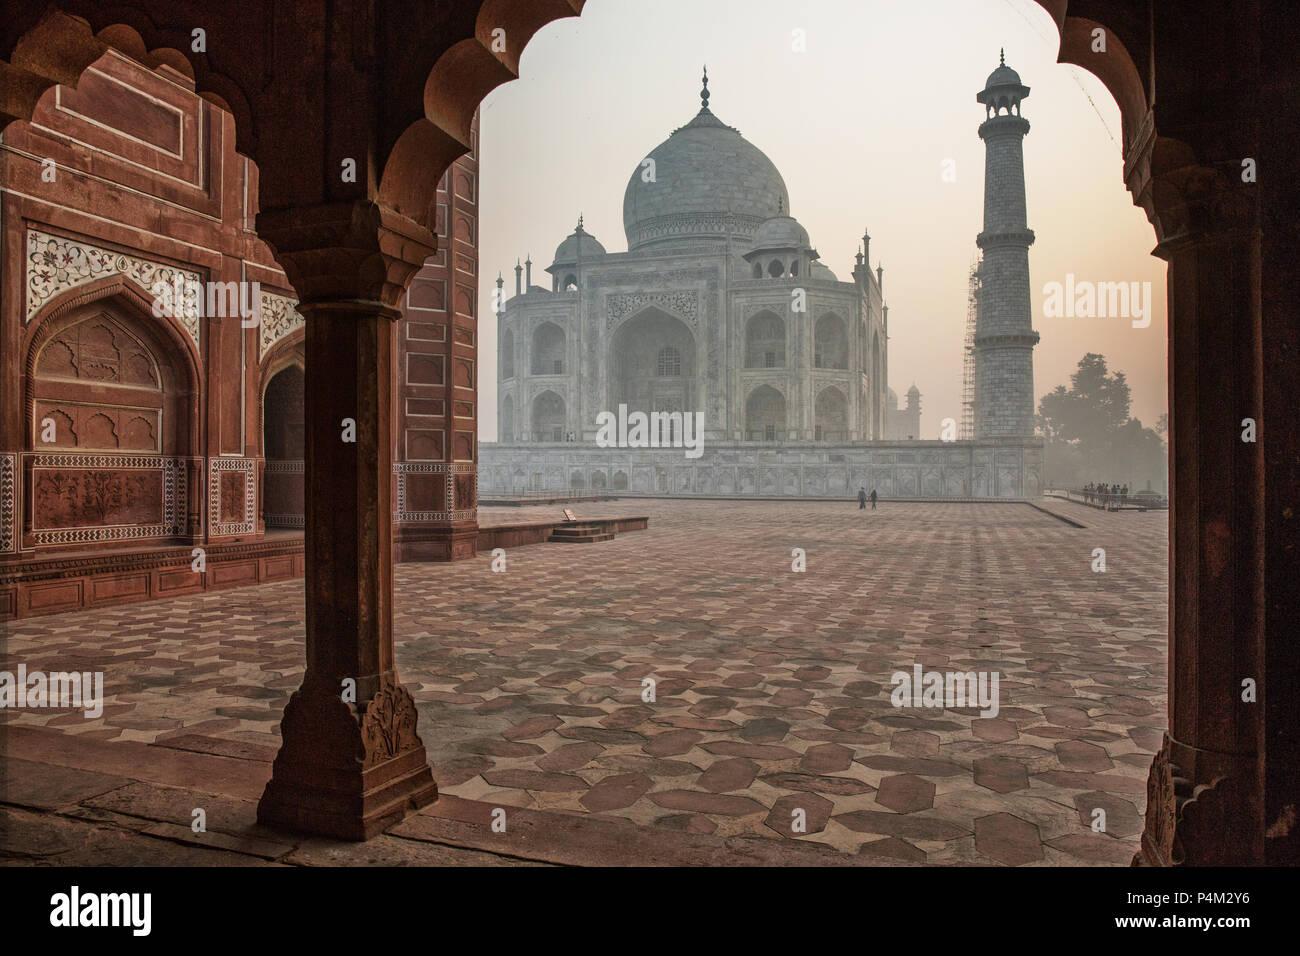 Taj Mahal kurz nach Sonnenaufgang. Es kann kaum aufgrund der hohen Luft Abgase in der Agra Bereich gesehen werden. Stockbild